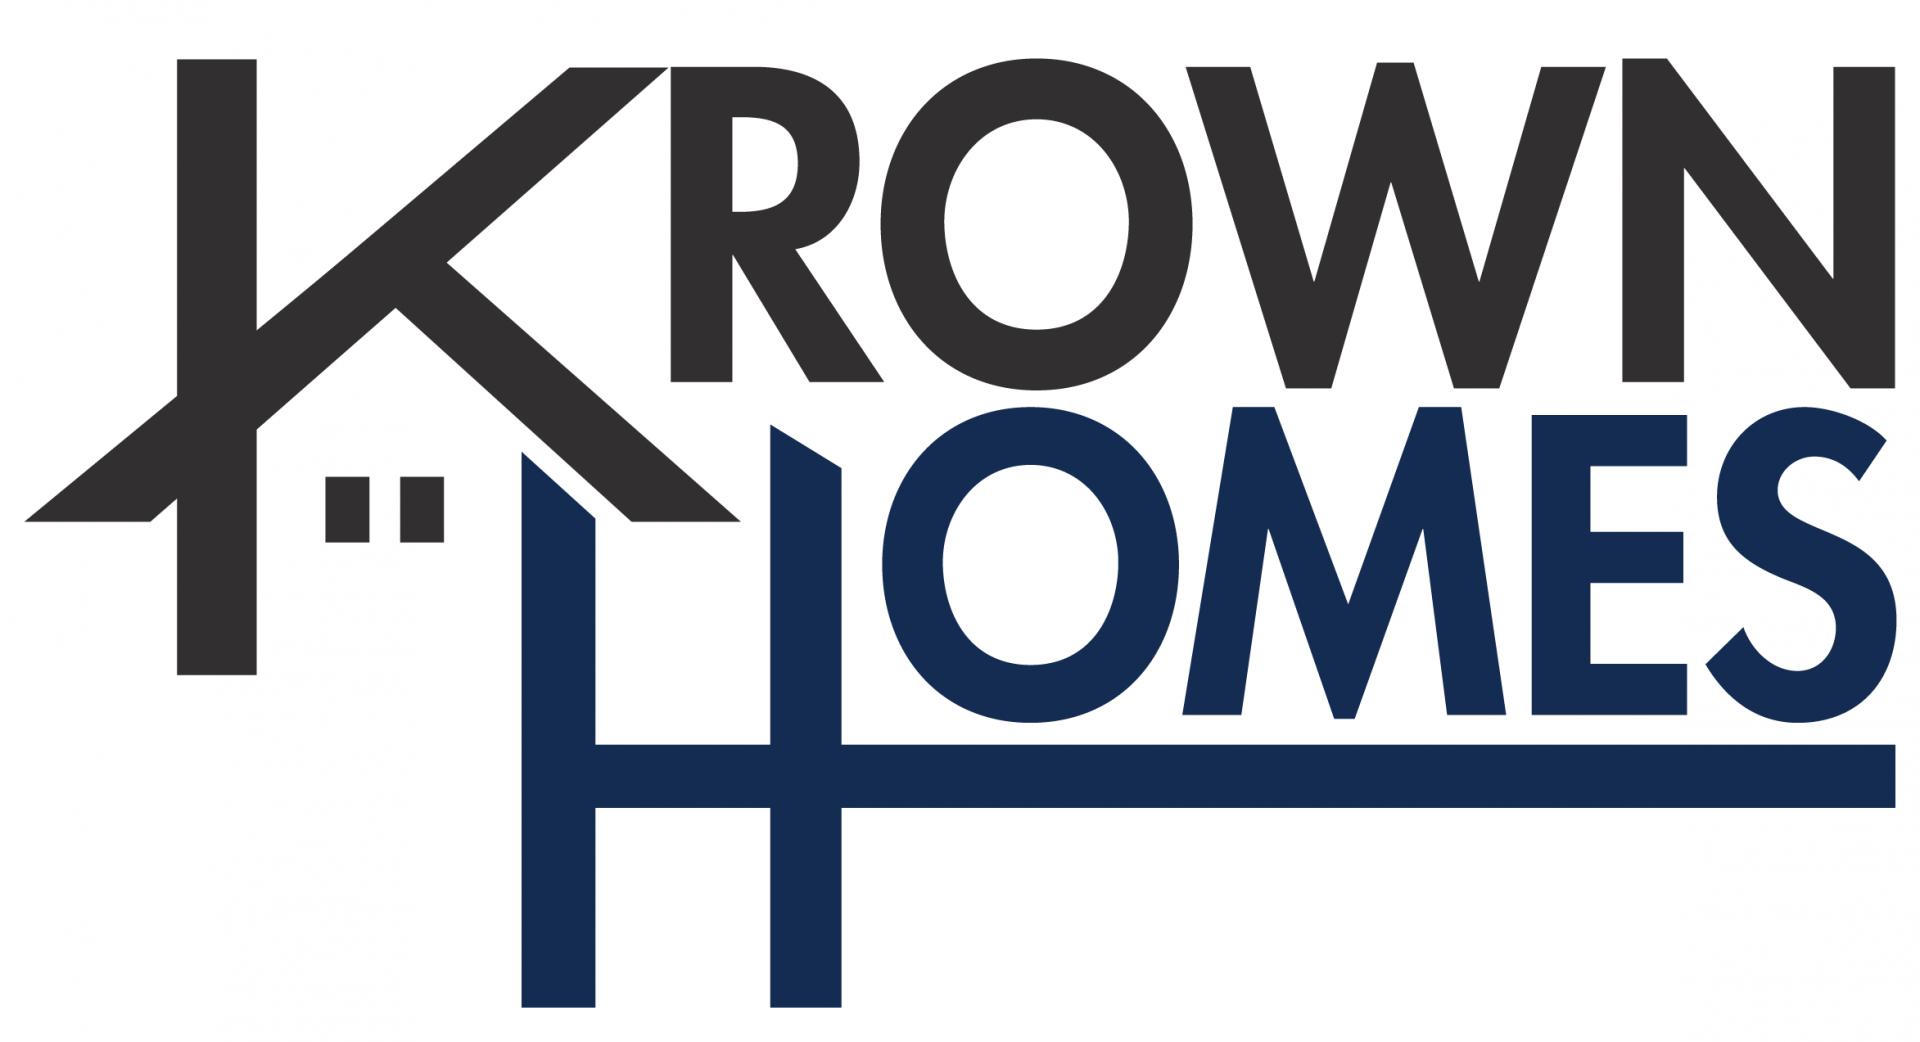 Krown Homes logo